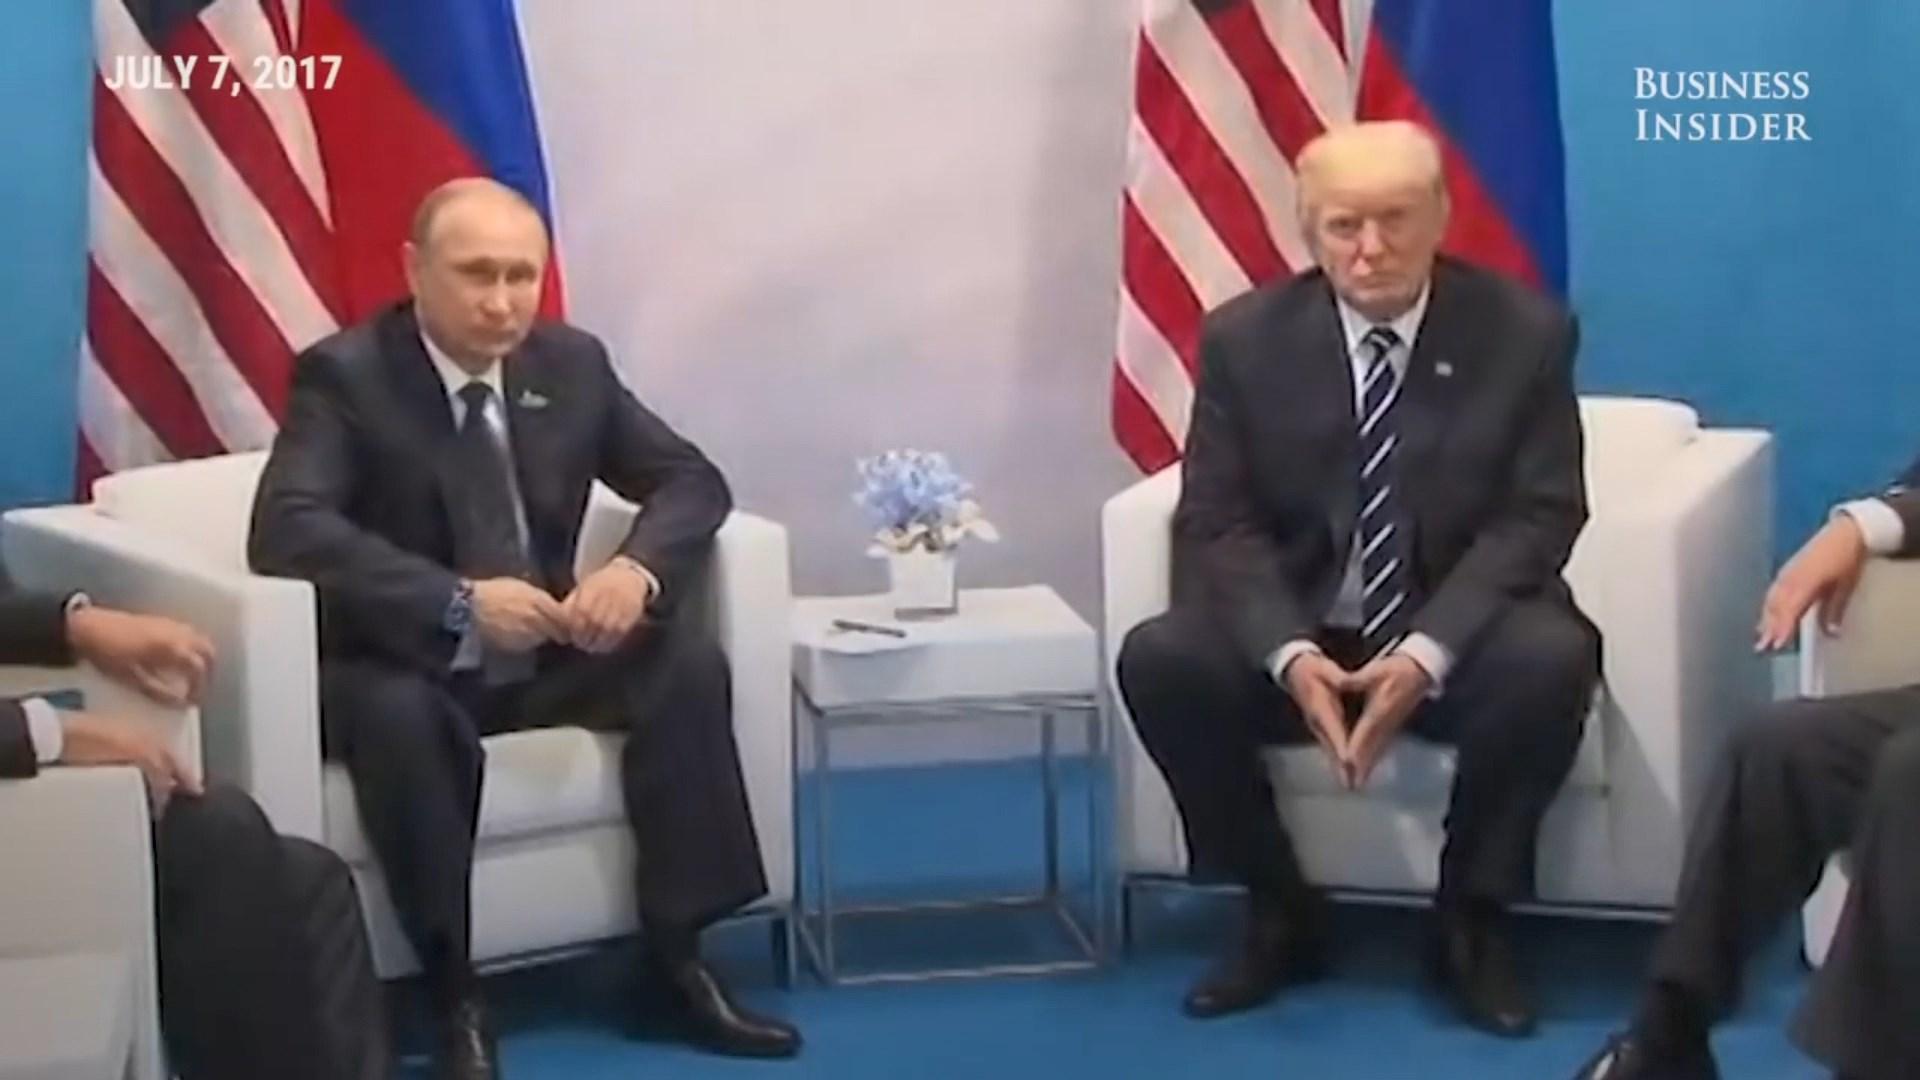 Sanksionet ndaj Rusisë/Shtëpia e Bardhë: Pa ndikim në takimin Trump-Putin